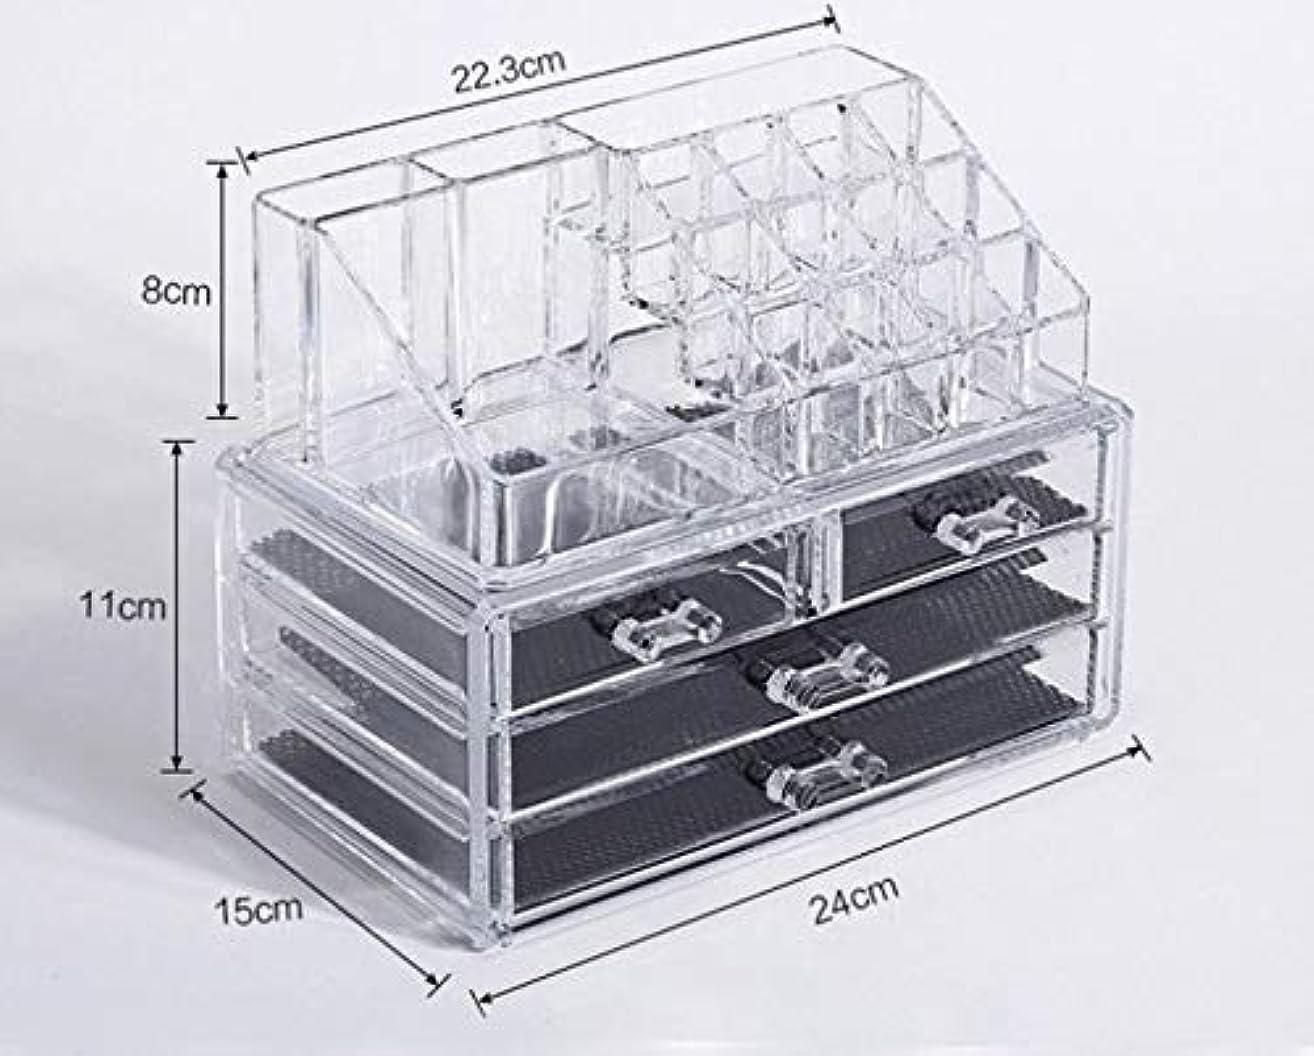 動物シルククラシック化粧品収納ボックス メイクボックス 化粧品 収納 ニオイなし 騒音なし 防塵 高透明度 強い耐久性